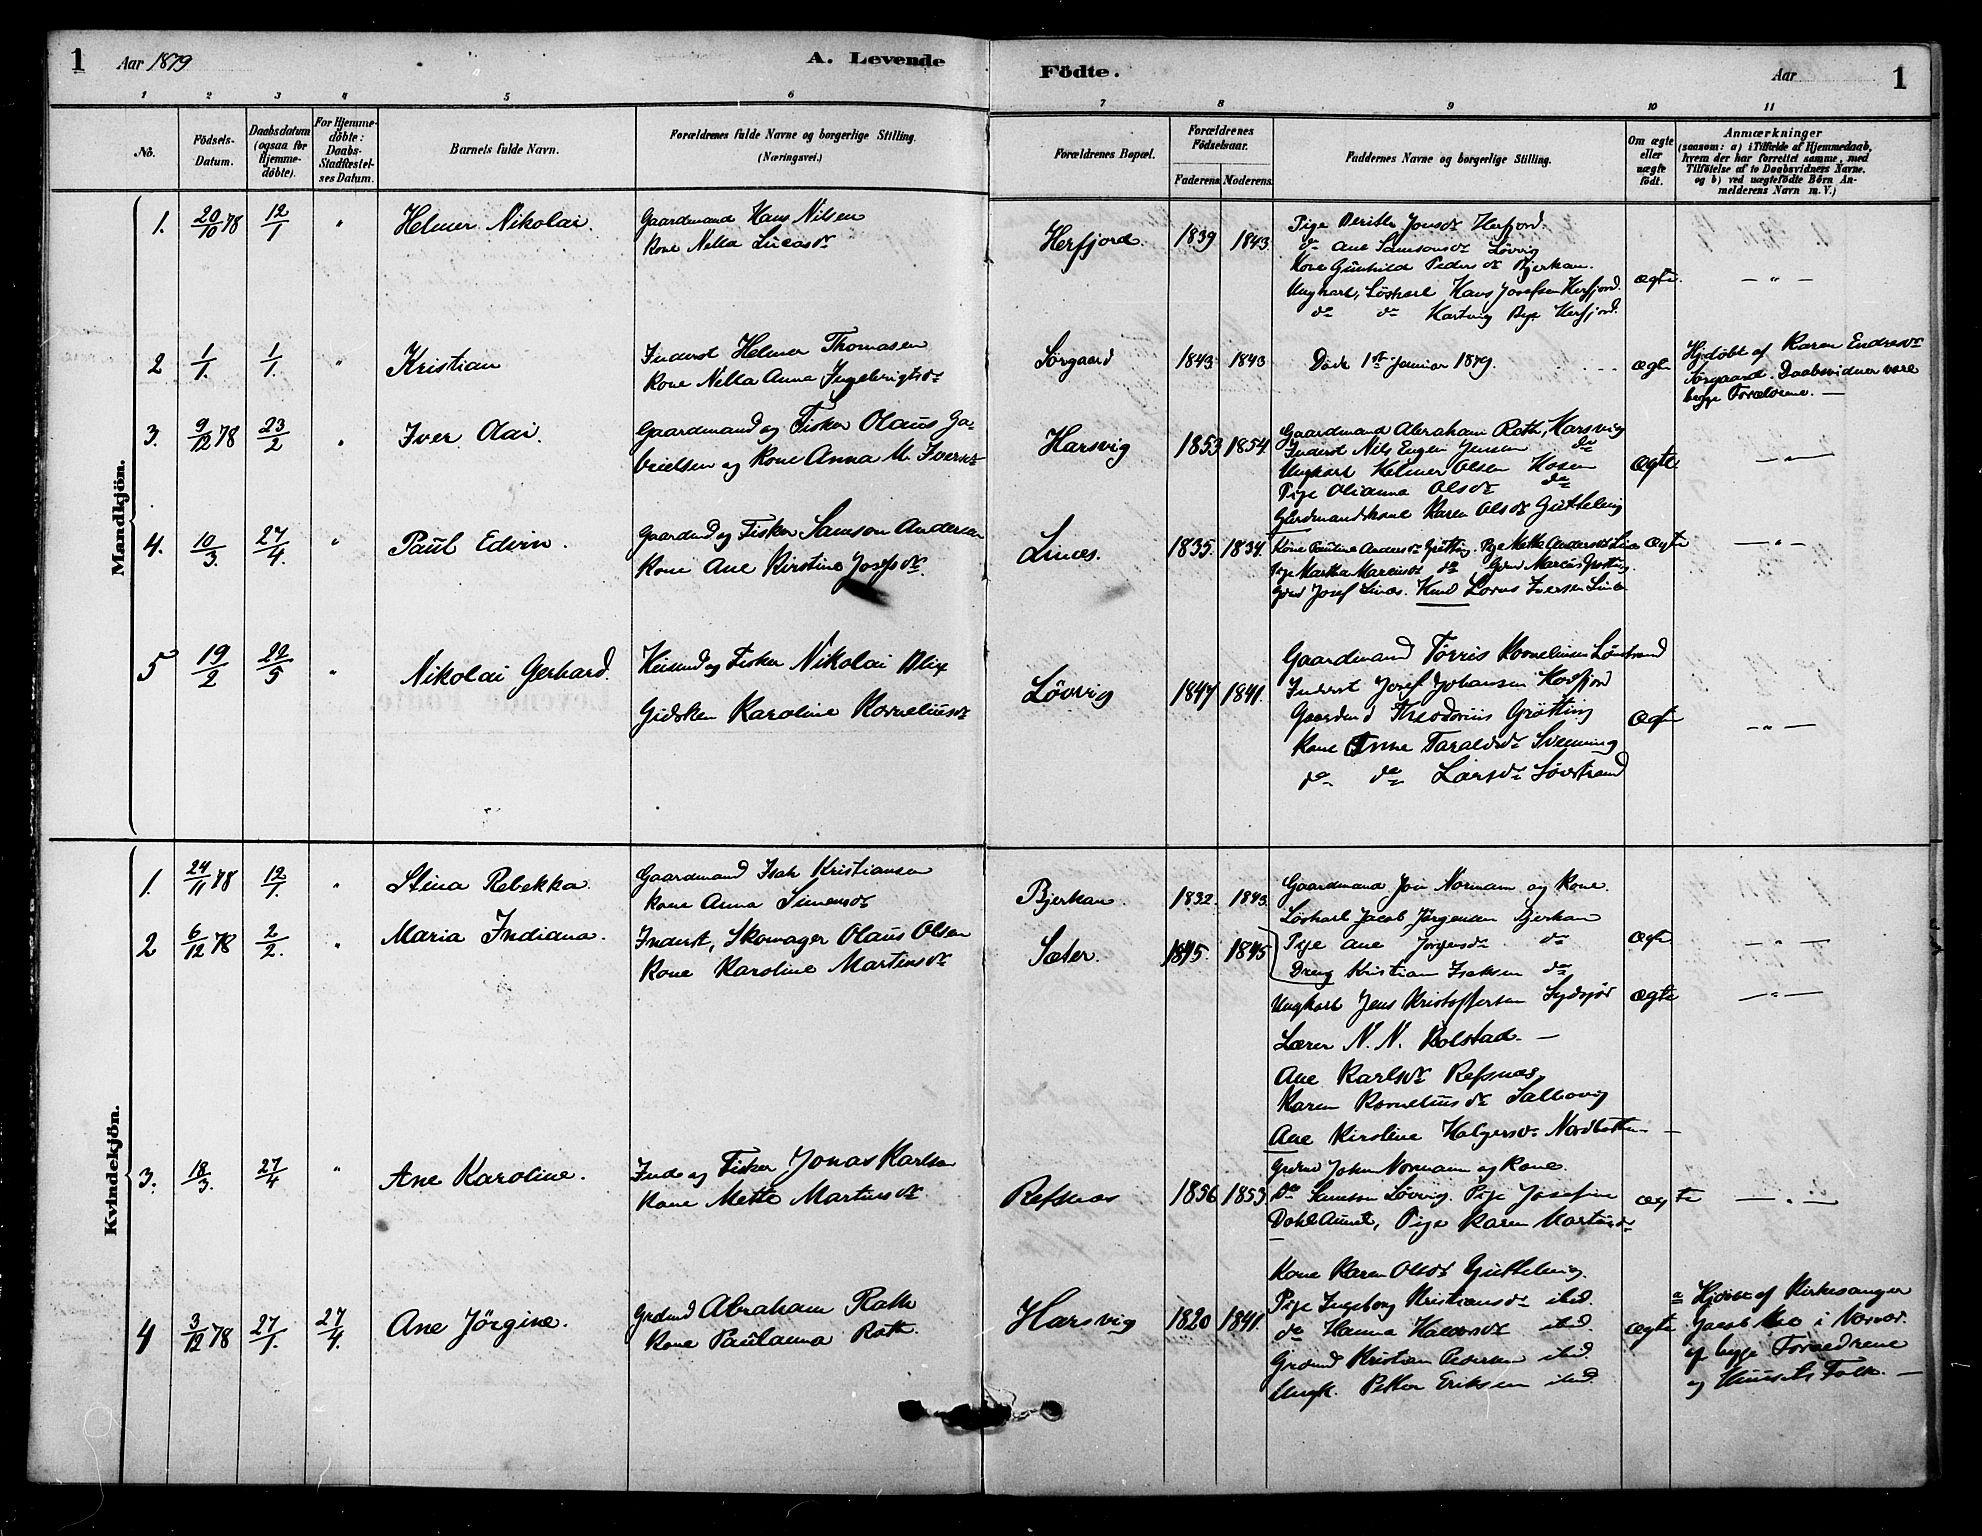 SAT, Ministerialprotokoller, klokkerbøker og fødselsregistre - Sør-Trøndelag, 656/L0692: Ministerialbok nr. 656A01, 1879-1893, s. 1